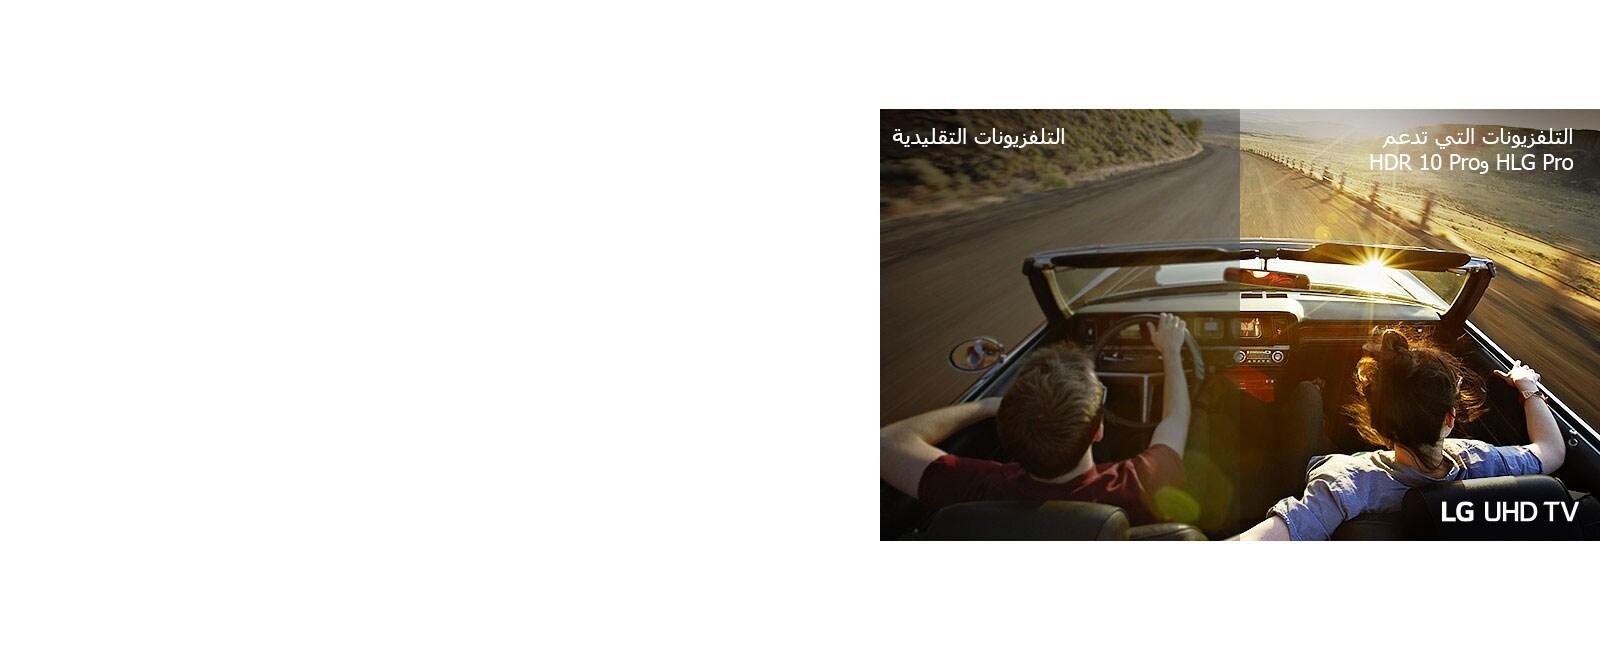 زوجان يقودان السيارة على الطريق. يظهر النصف على شاشة تقليدية بجودة رديئة للصورة. يظهر النصف الآخر بجودة صورة تلفزيون UHD من إل جي الواضحة والمفعمة بالحيوية.